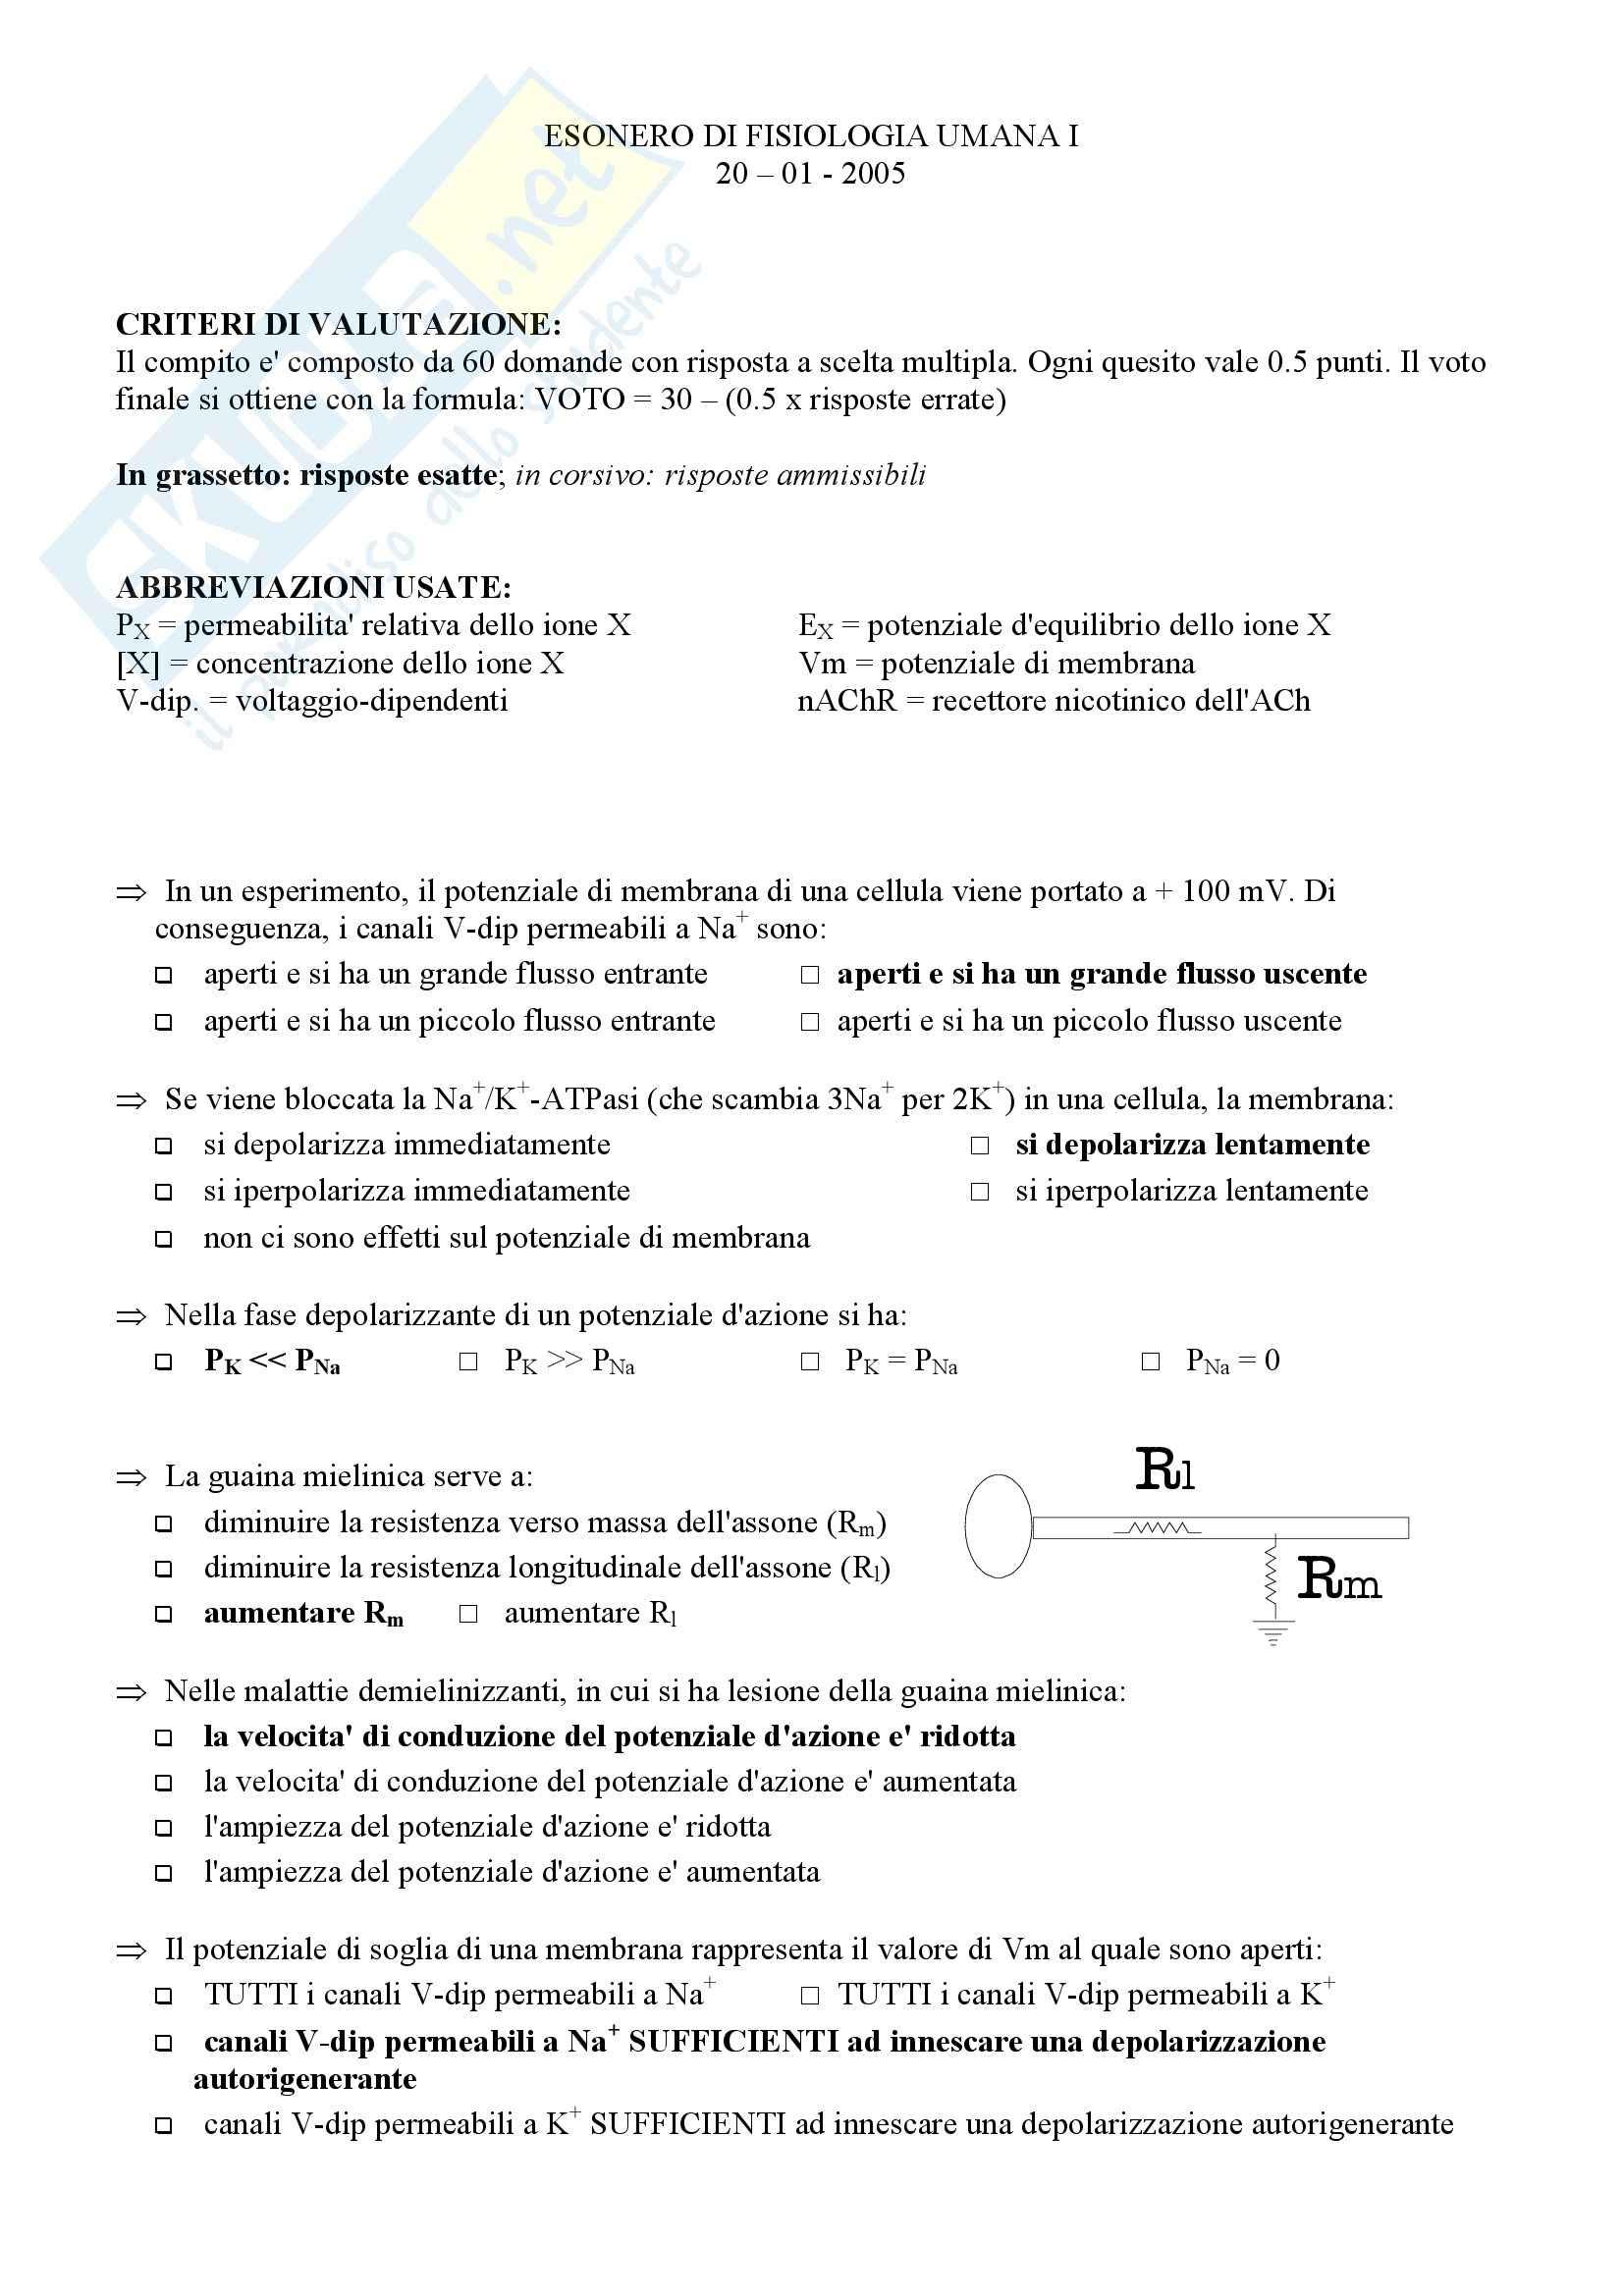 Fisiologia umana I - Test 4